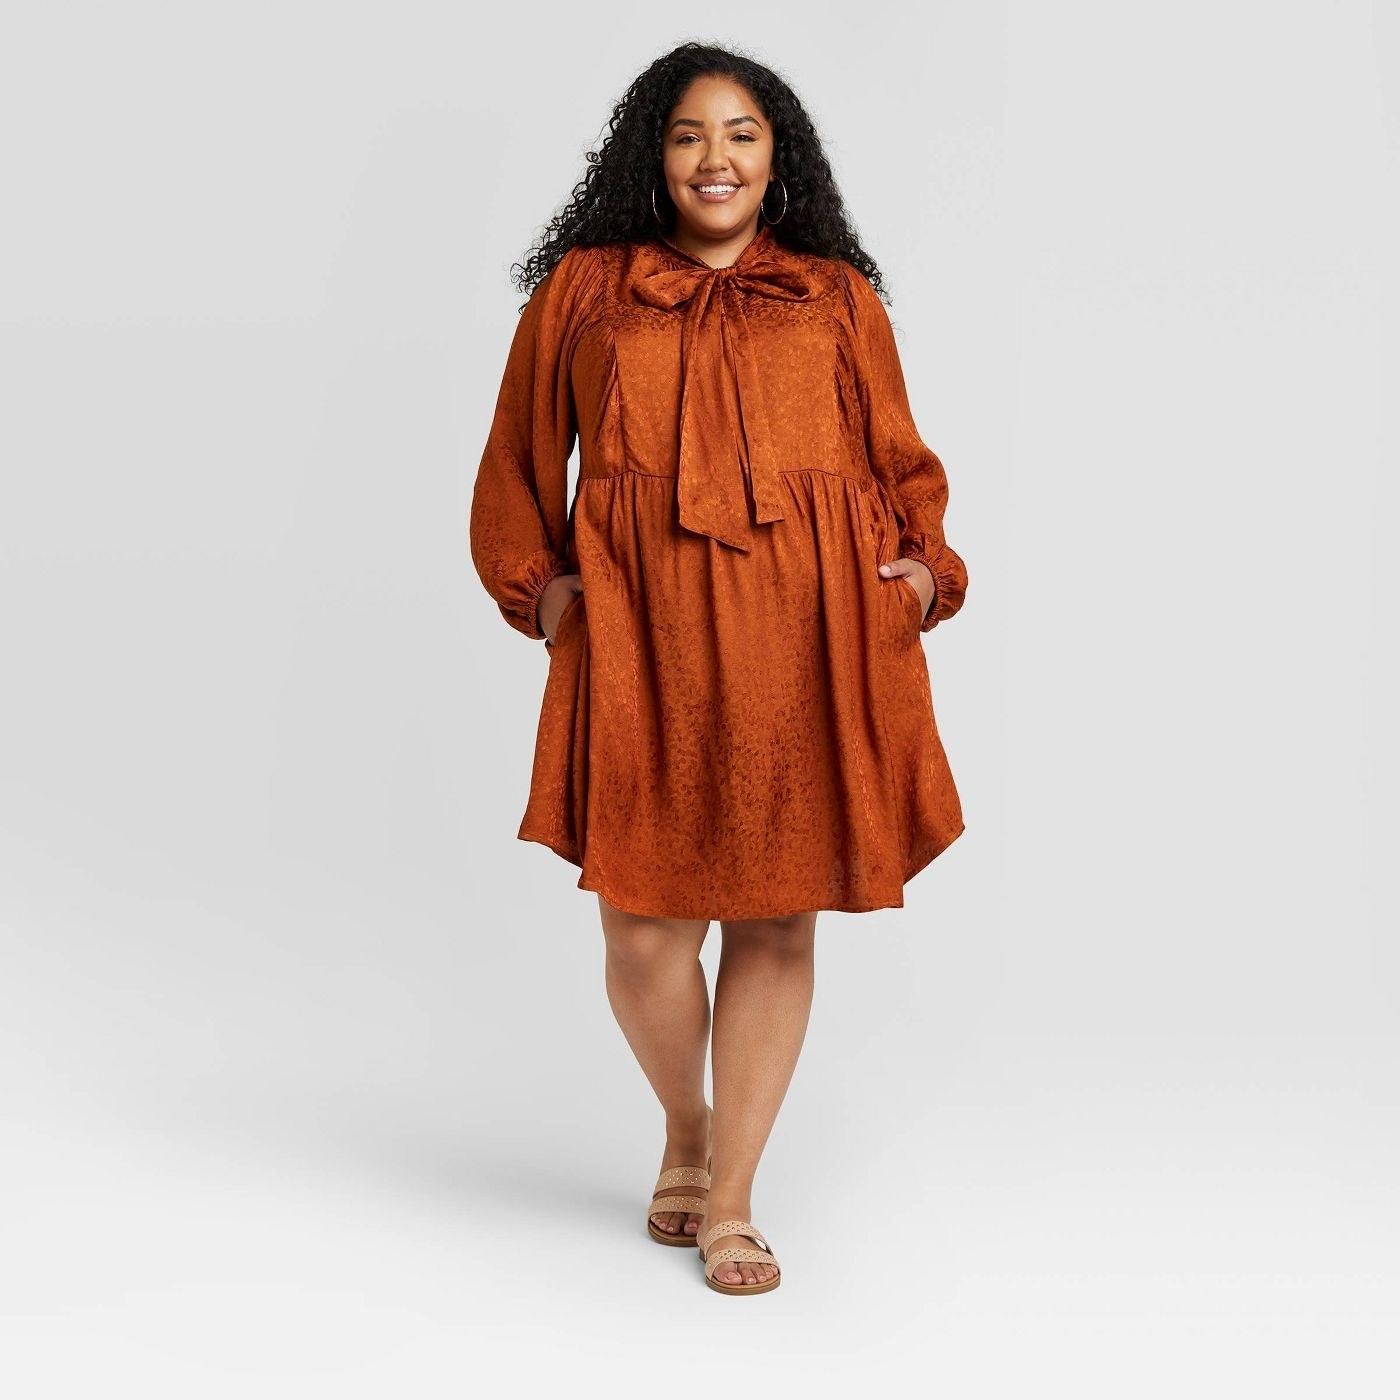 Model wearing rust dress